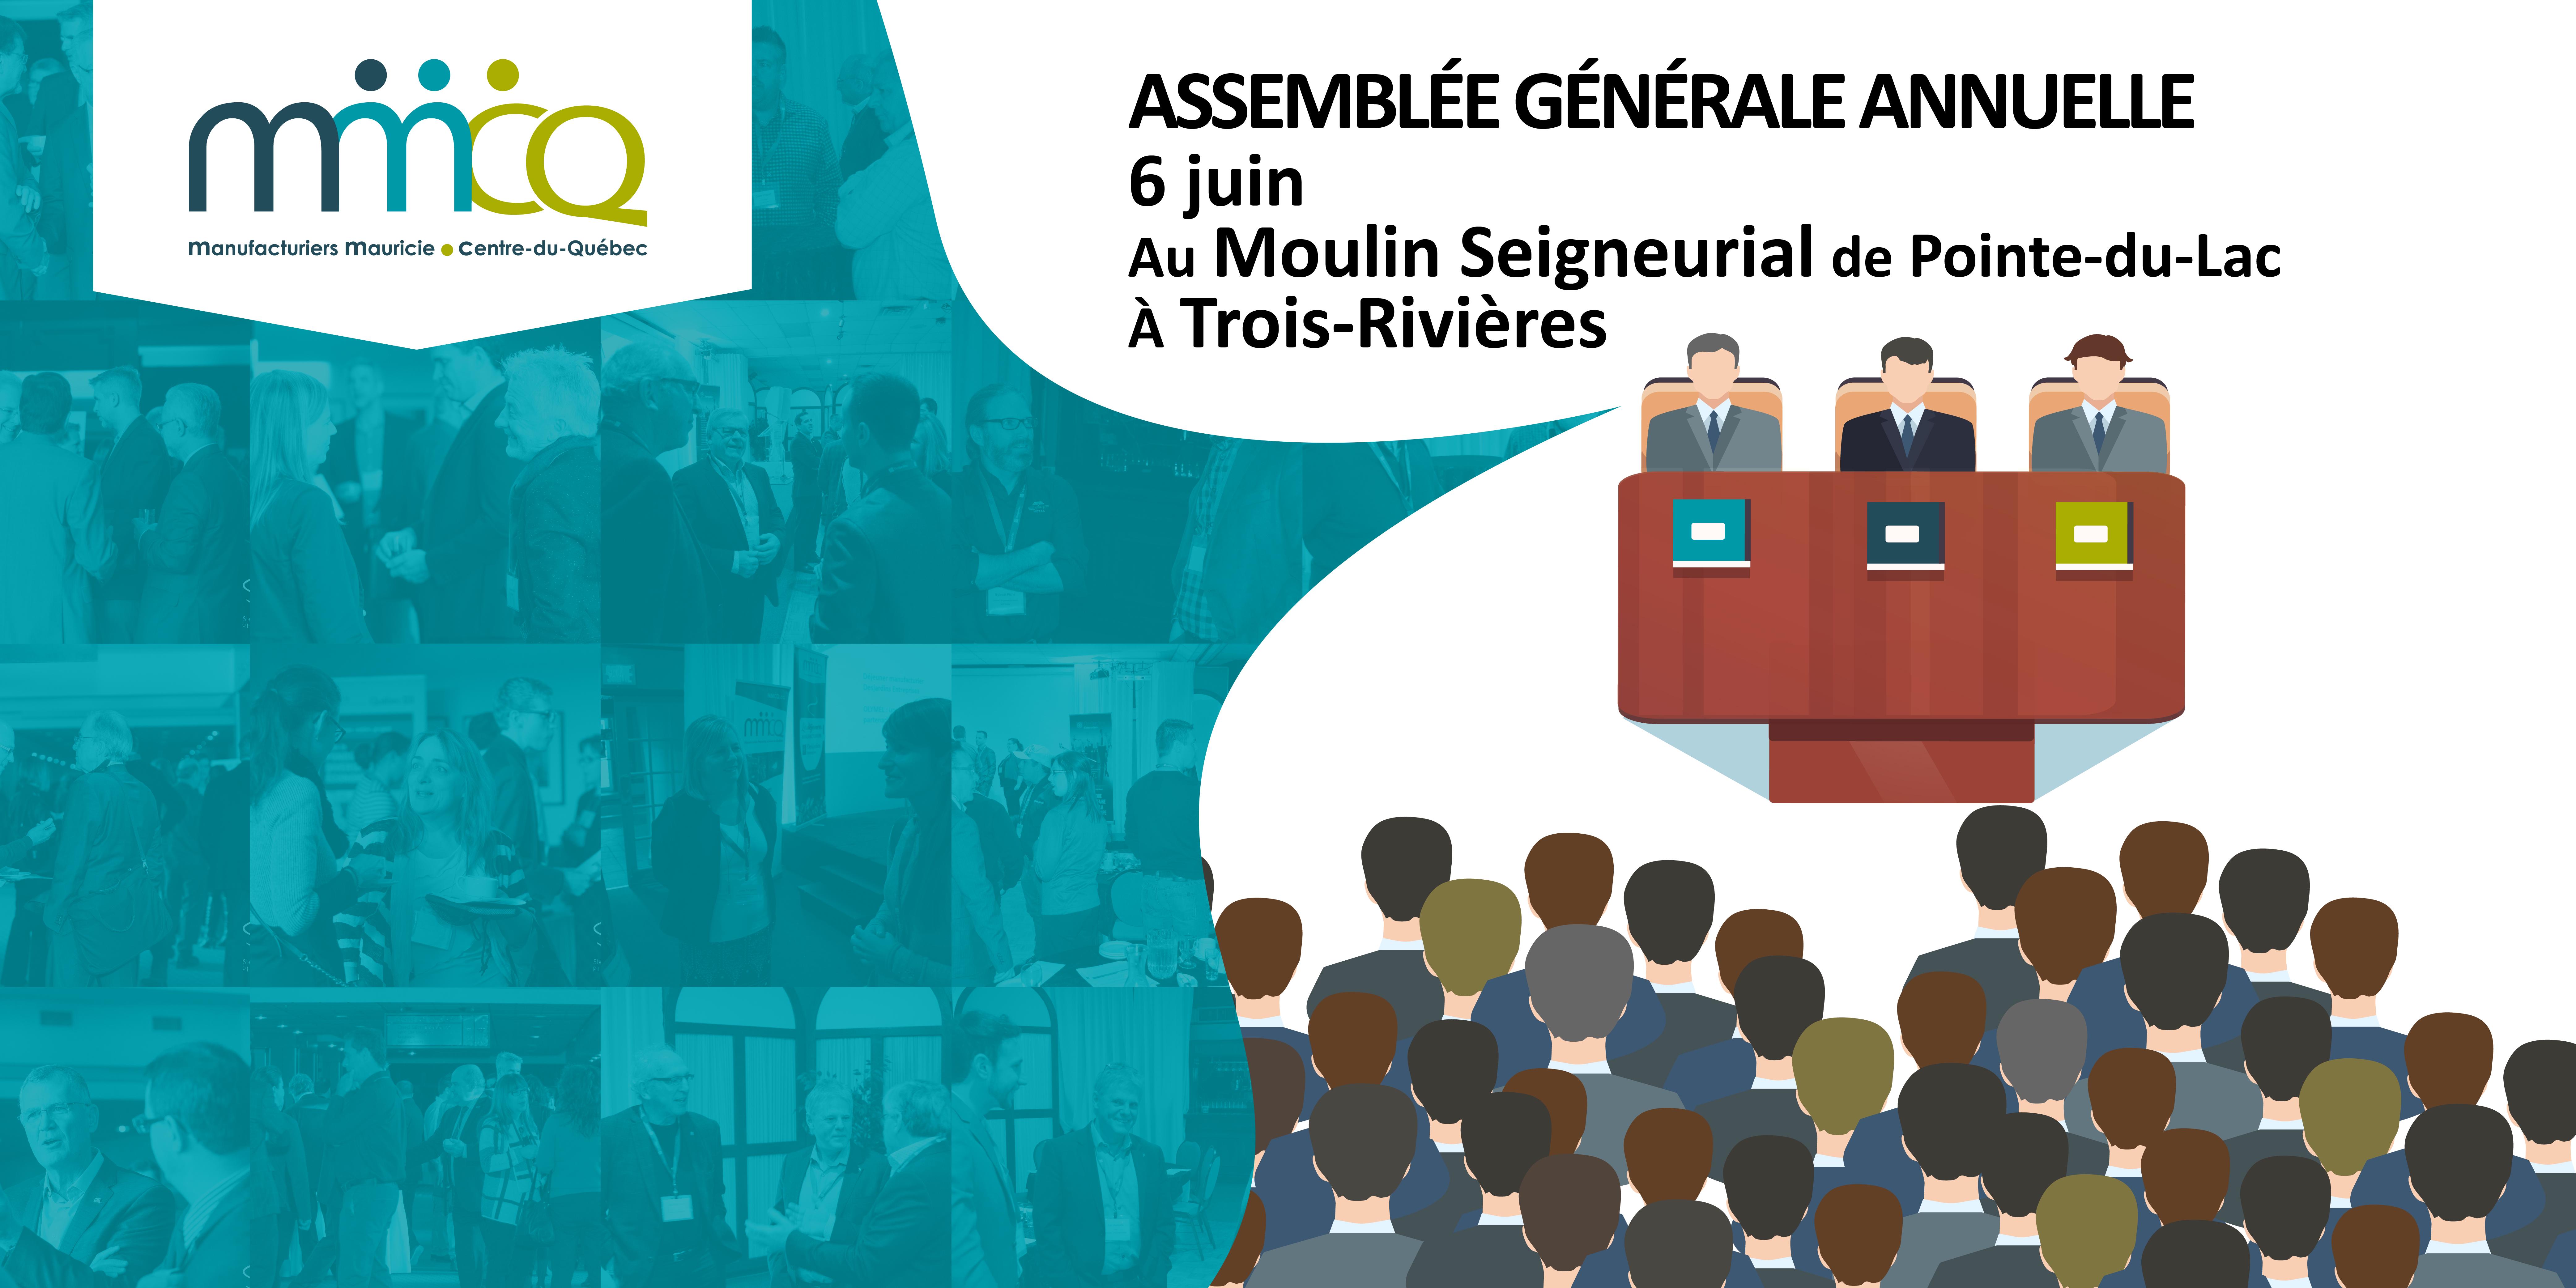 Assemblée Générale Annuelle des MMCQ